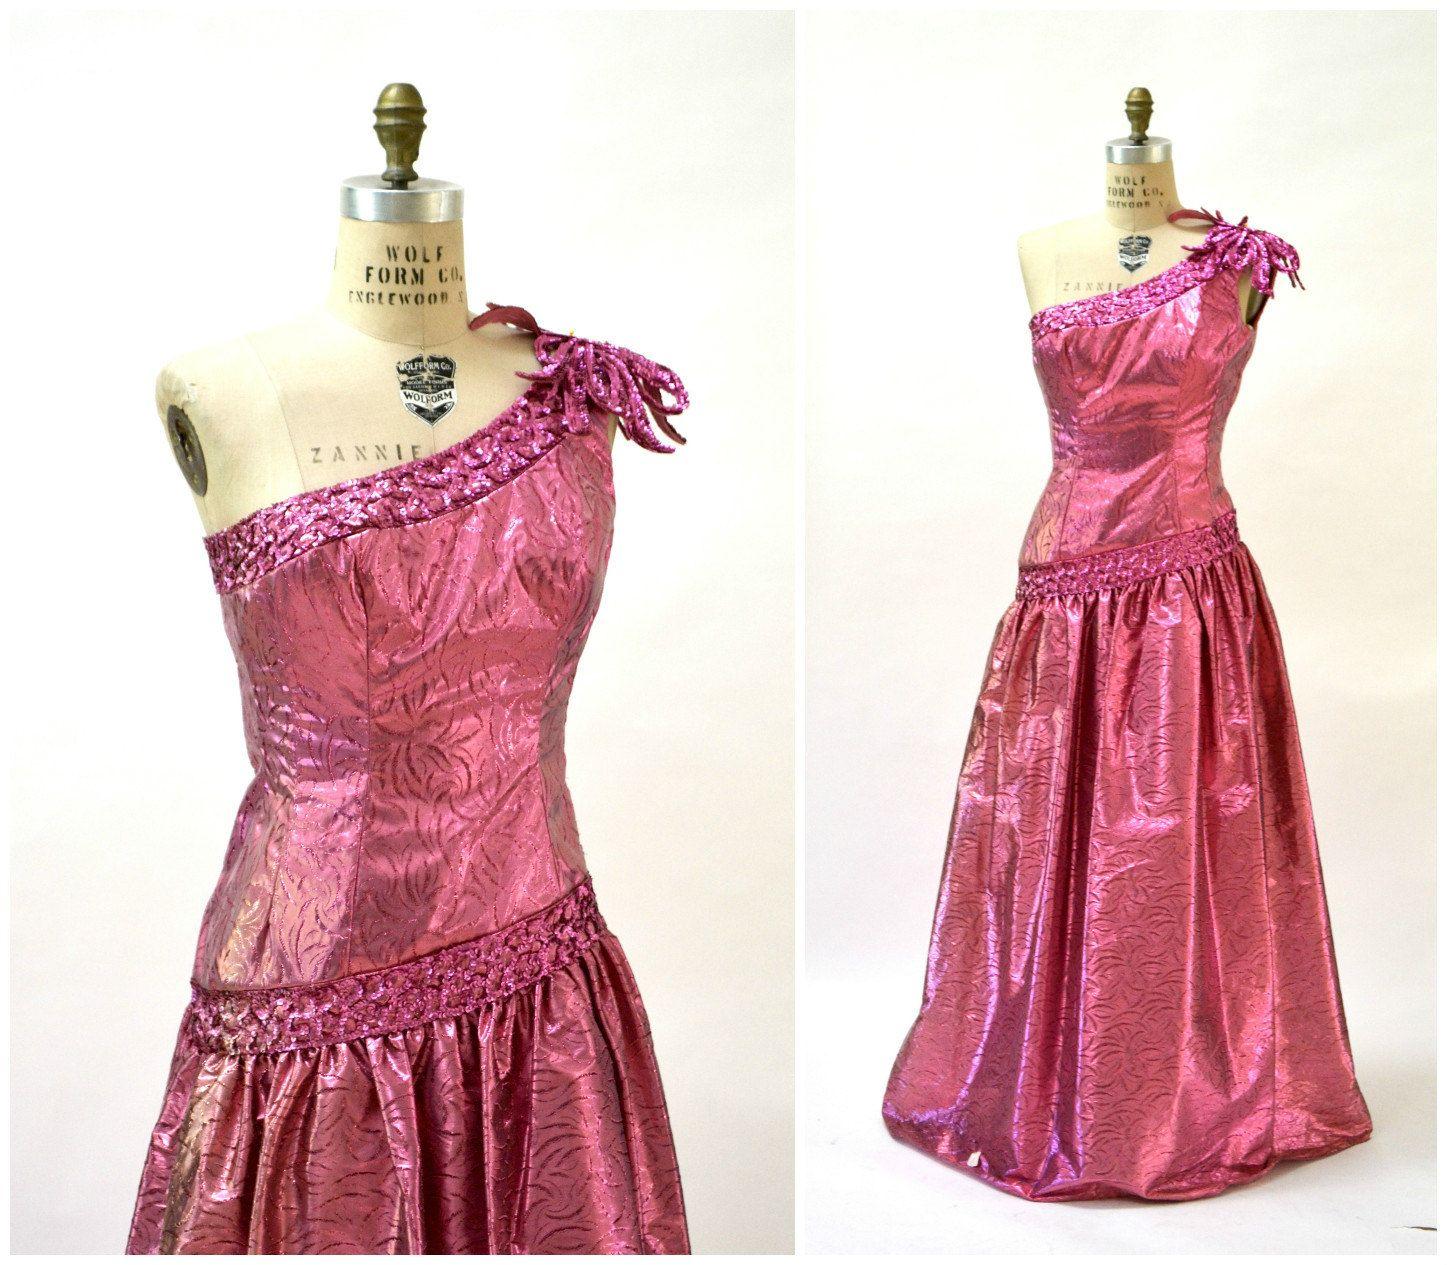 Metallic 80s Prom Dress Pink Small 80s Ball Gown Vintage Etsy 80s Party Dress Pink Prom Dresses 80s Prom Dress [ 1265 x 1447 Pixel ]